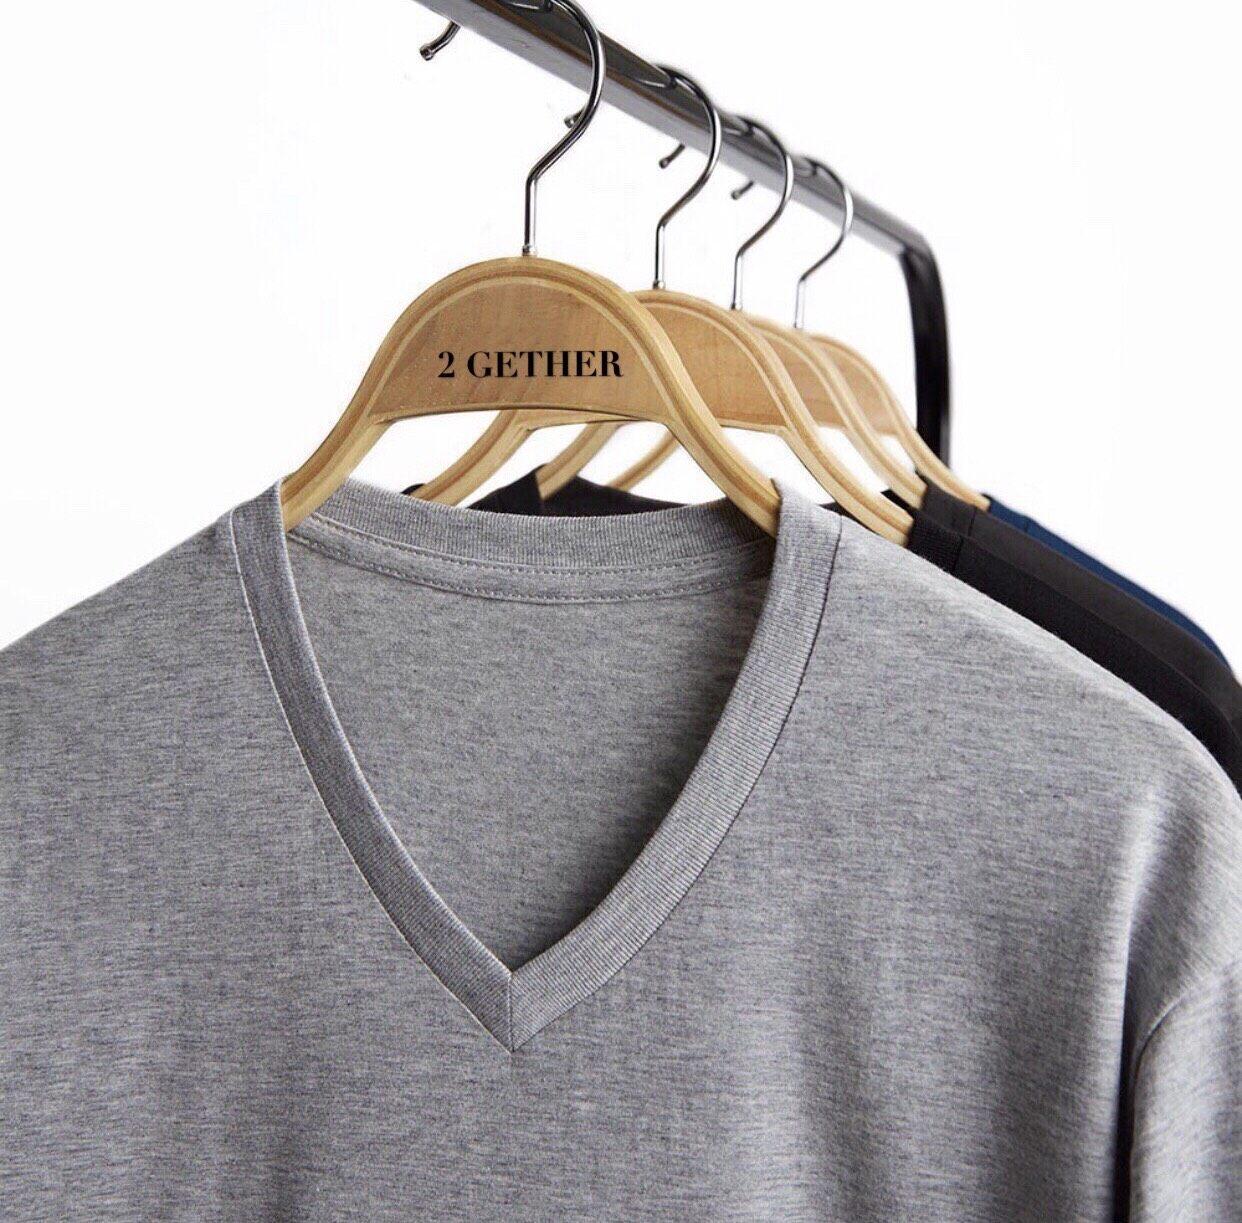 เสื้อยืดสีพื้น คอวี (v-Neck) แขนสั้น ผ้า Cotton100% ราคาส่ง.